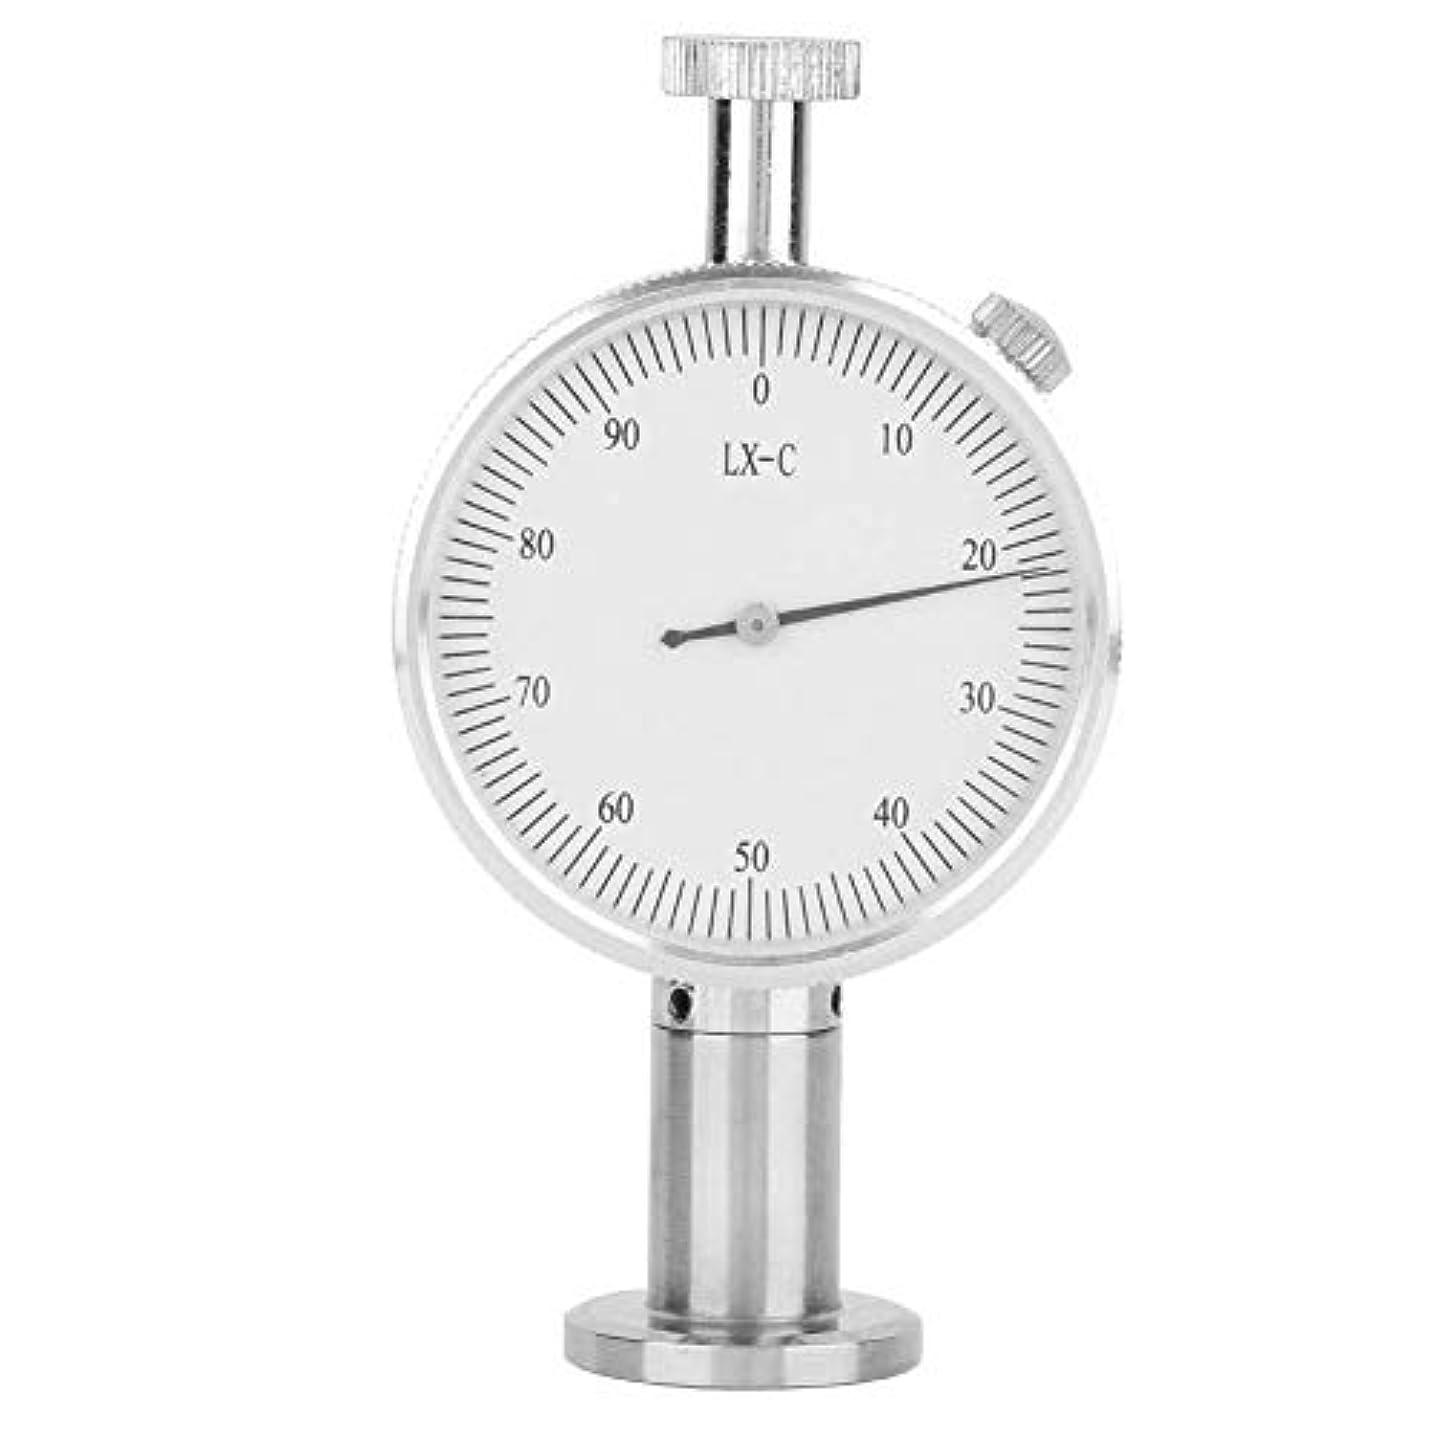 言い直すインキュバスお客様硬度計、Cタイプ硬度計LX-C-1/LX-C-2を測定する合成ゴムのためのジュロメーター(LX-C-2)